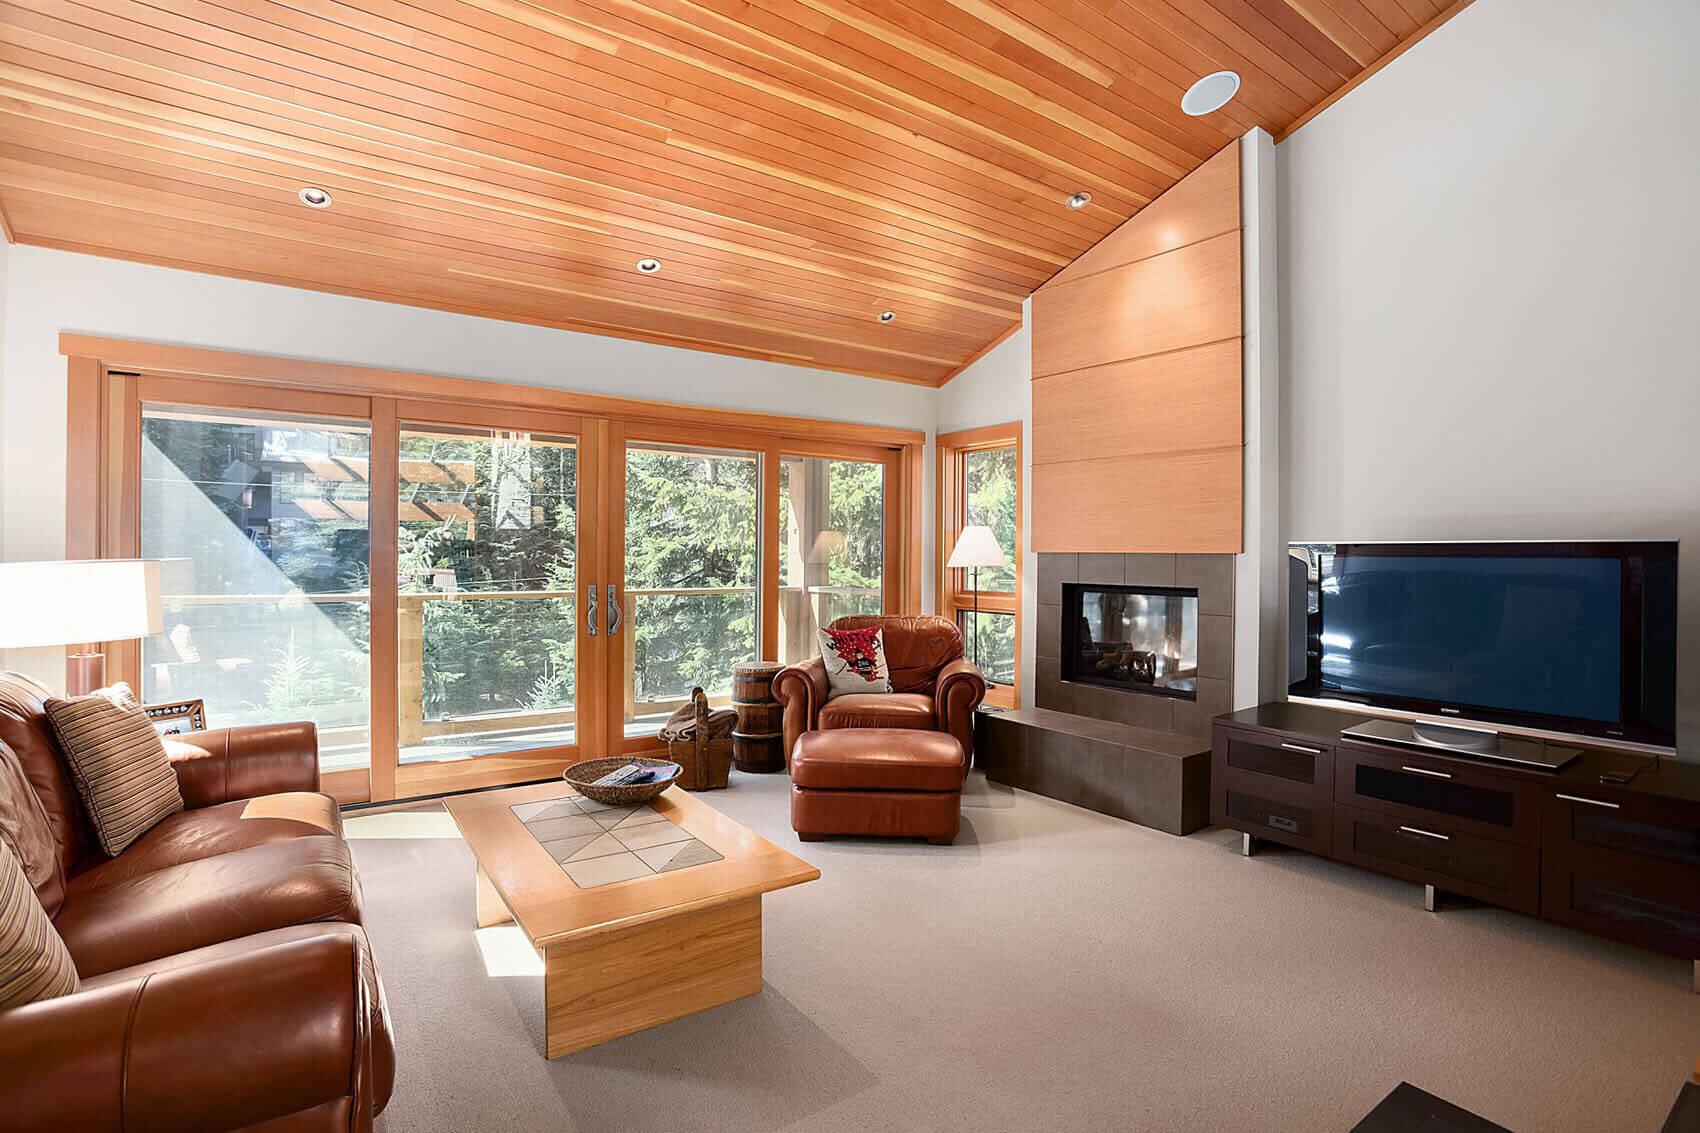 wsi-imageoptim-Whistler-livingroom-reno.jpg